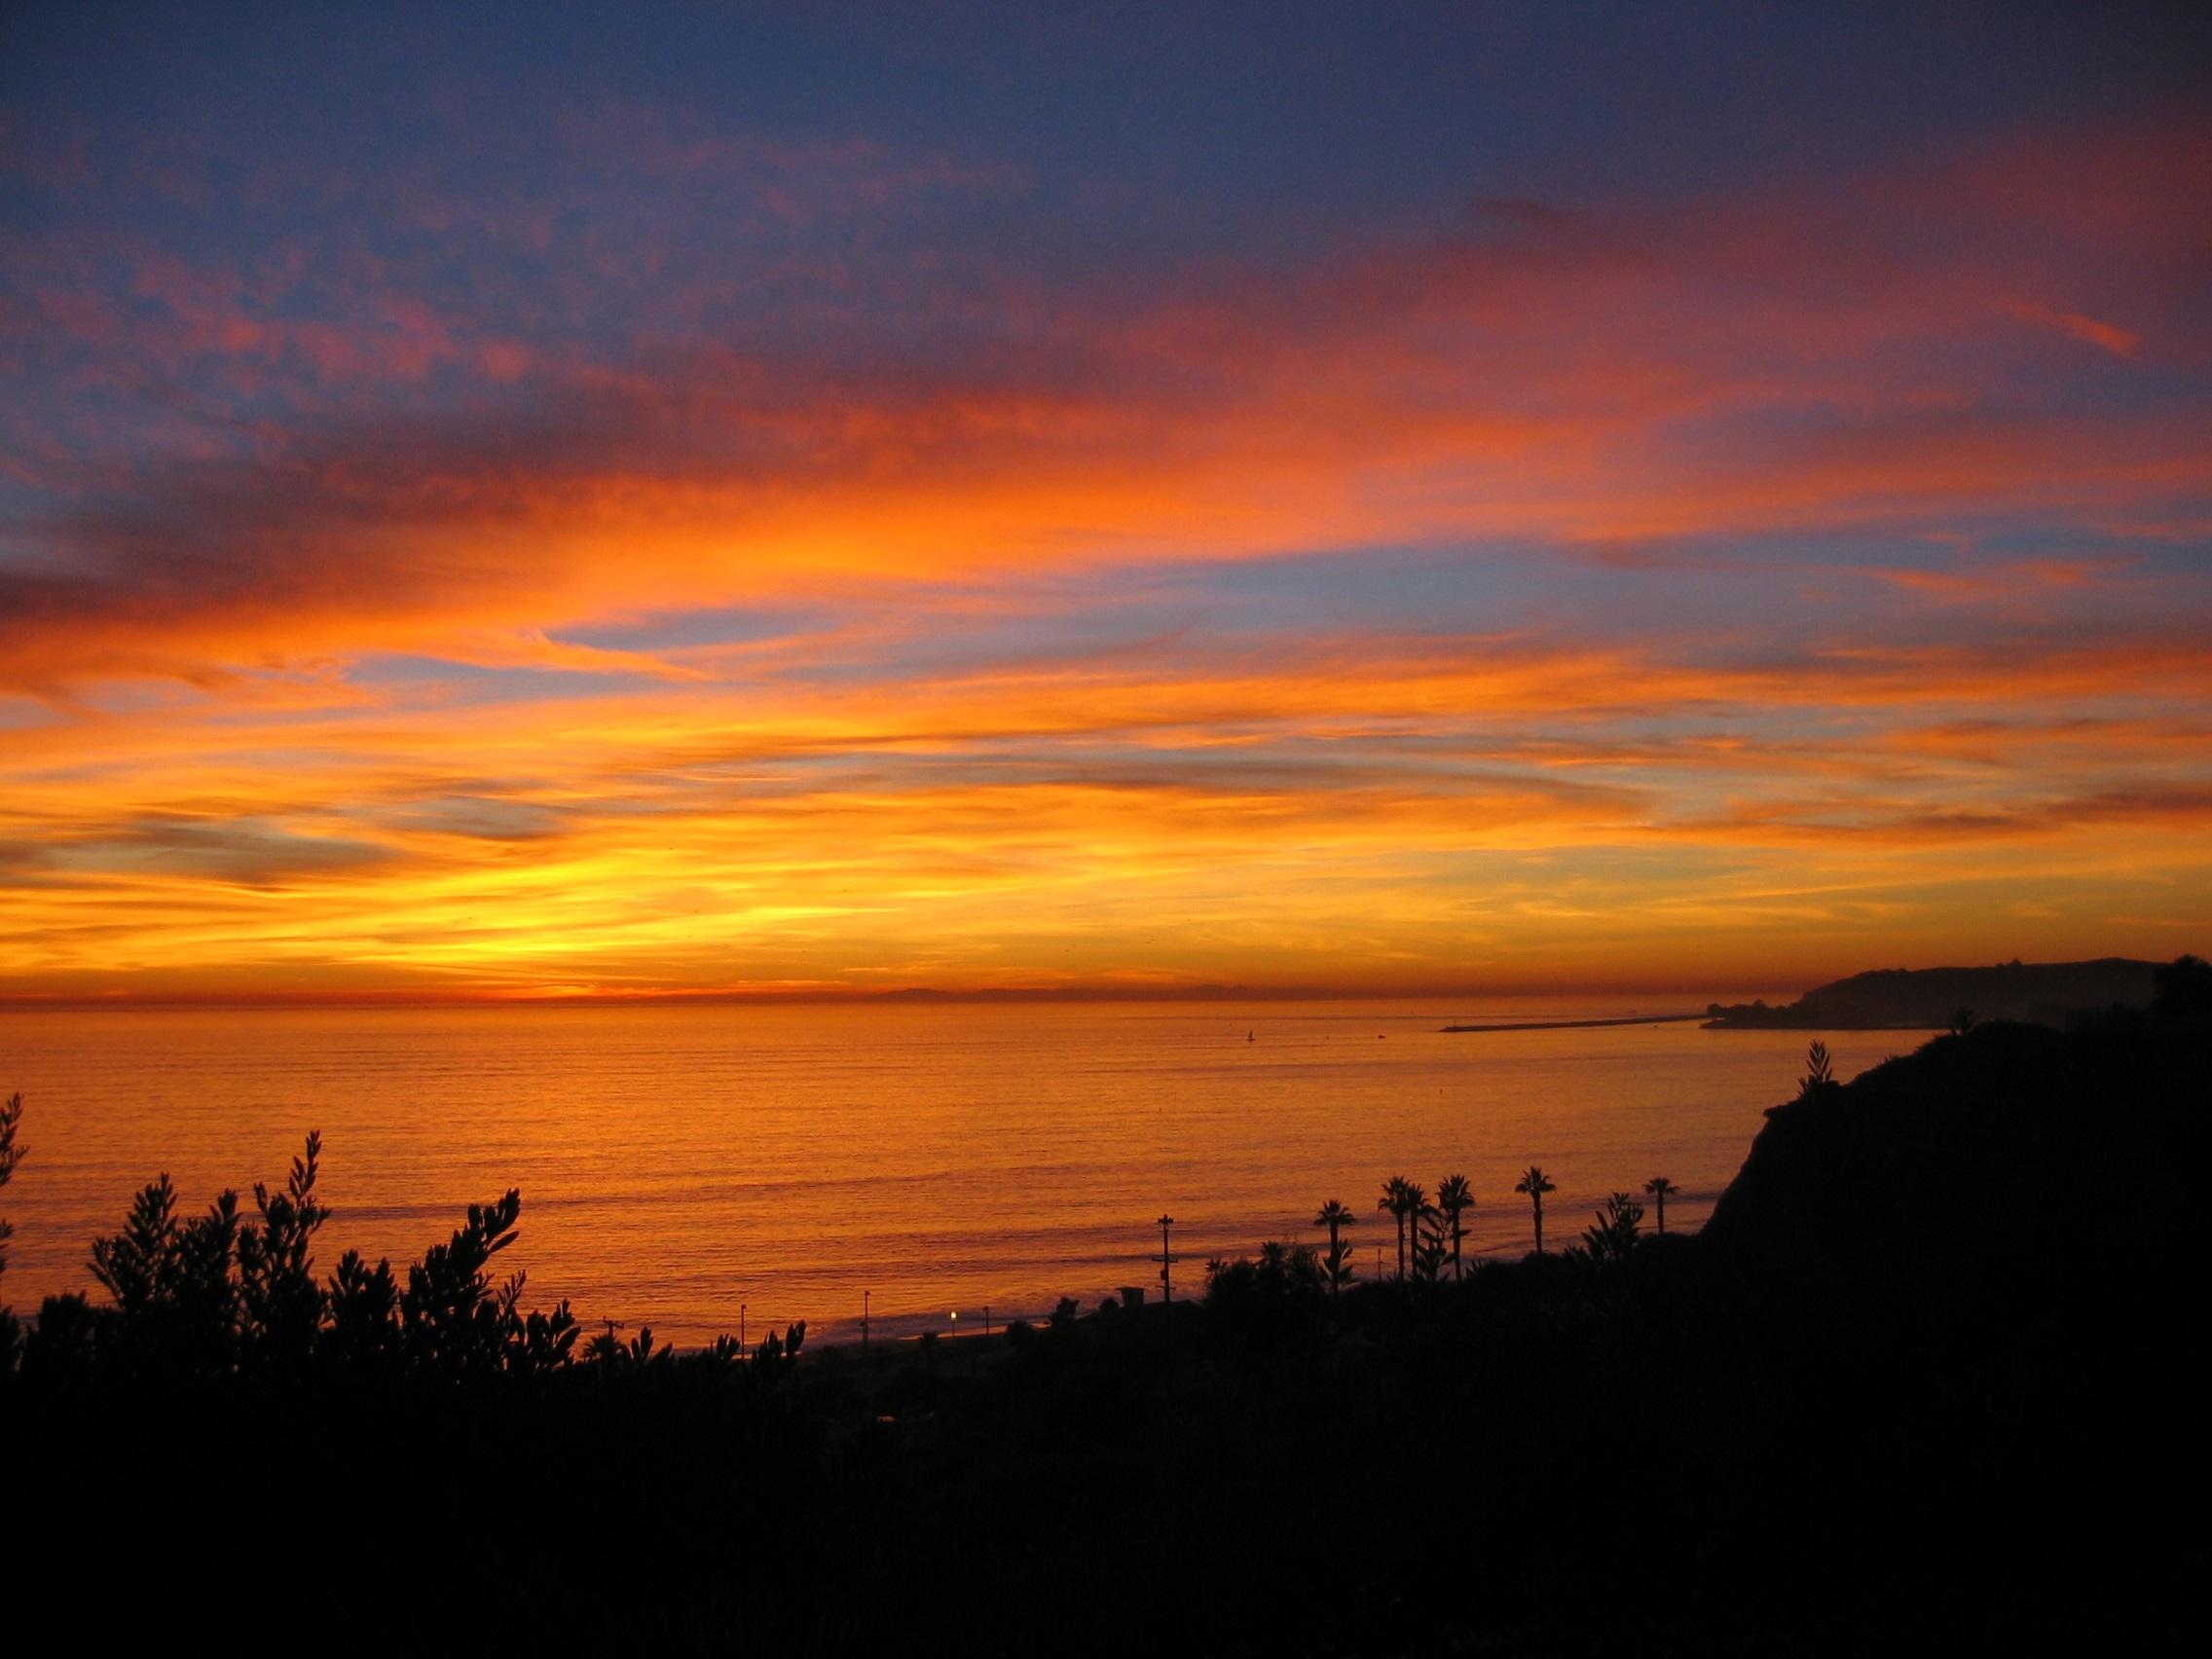 Sunset overlooking Dana Point